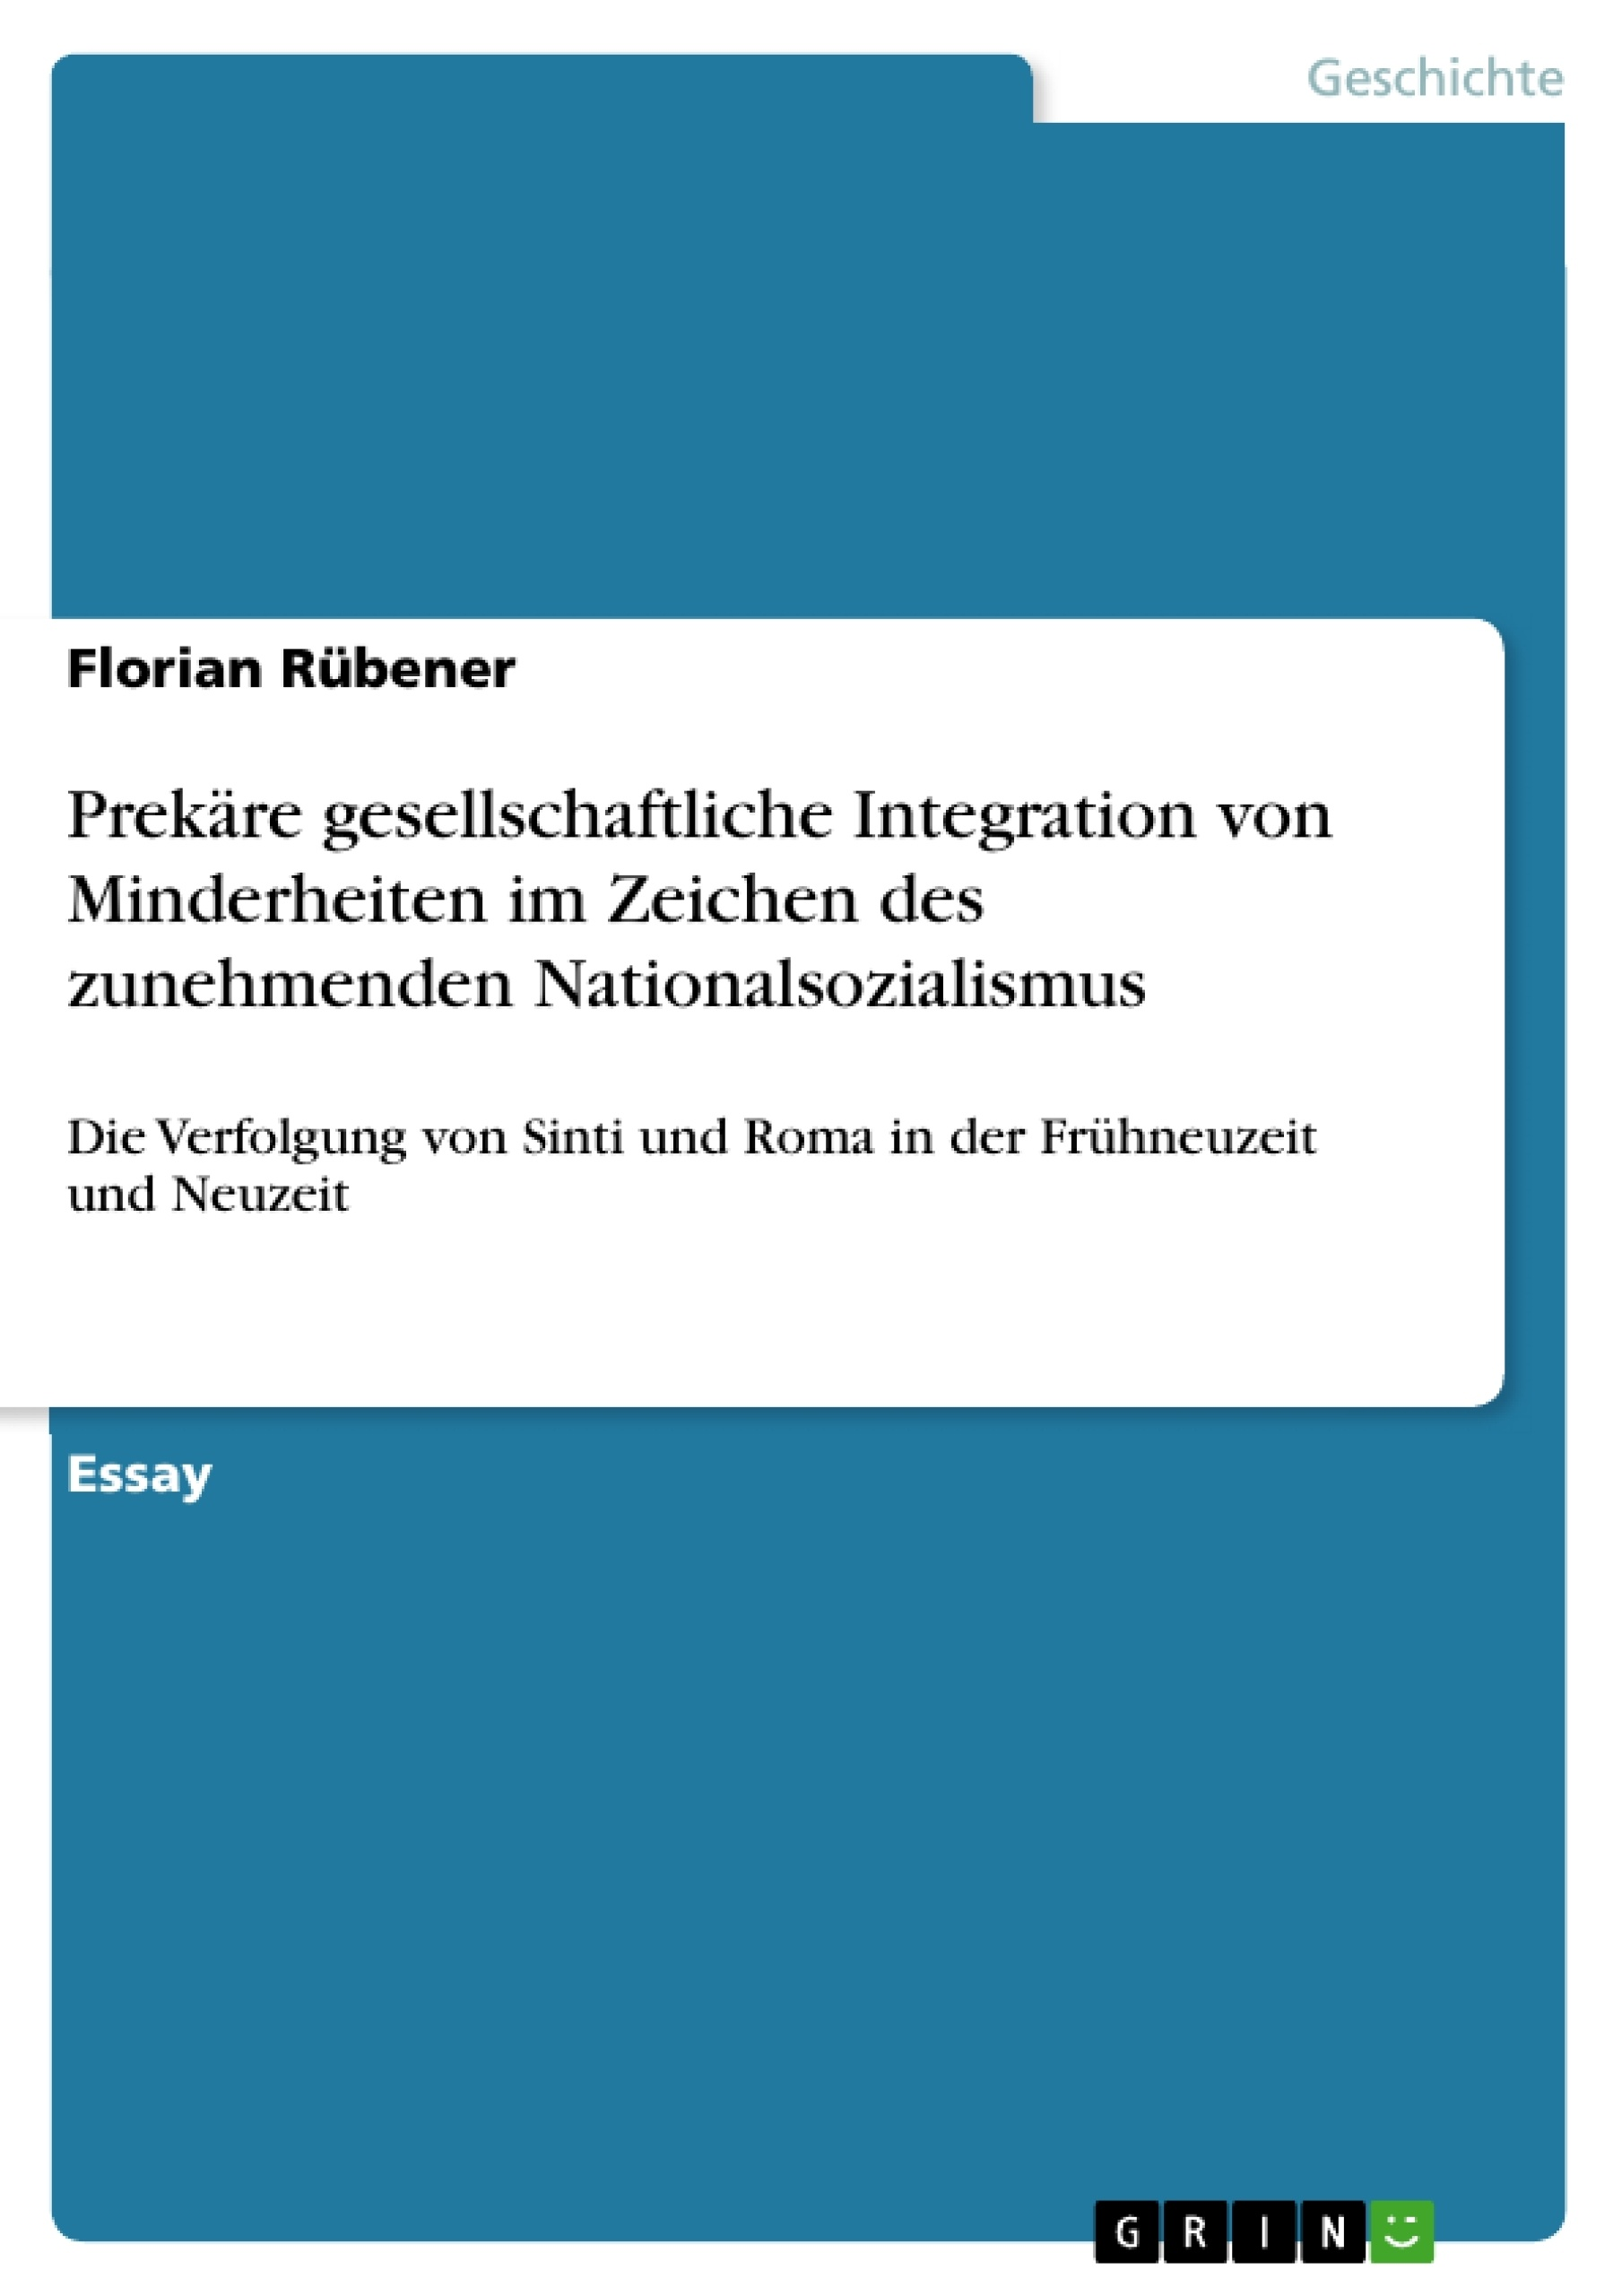 Titel: Prekäre gesellschaftliche Integration von Minderheiten im Zeichen des zunehmenden Nationalsozialismus